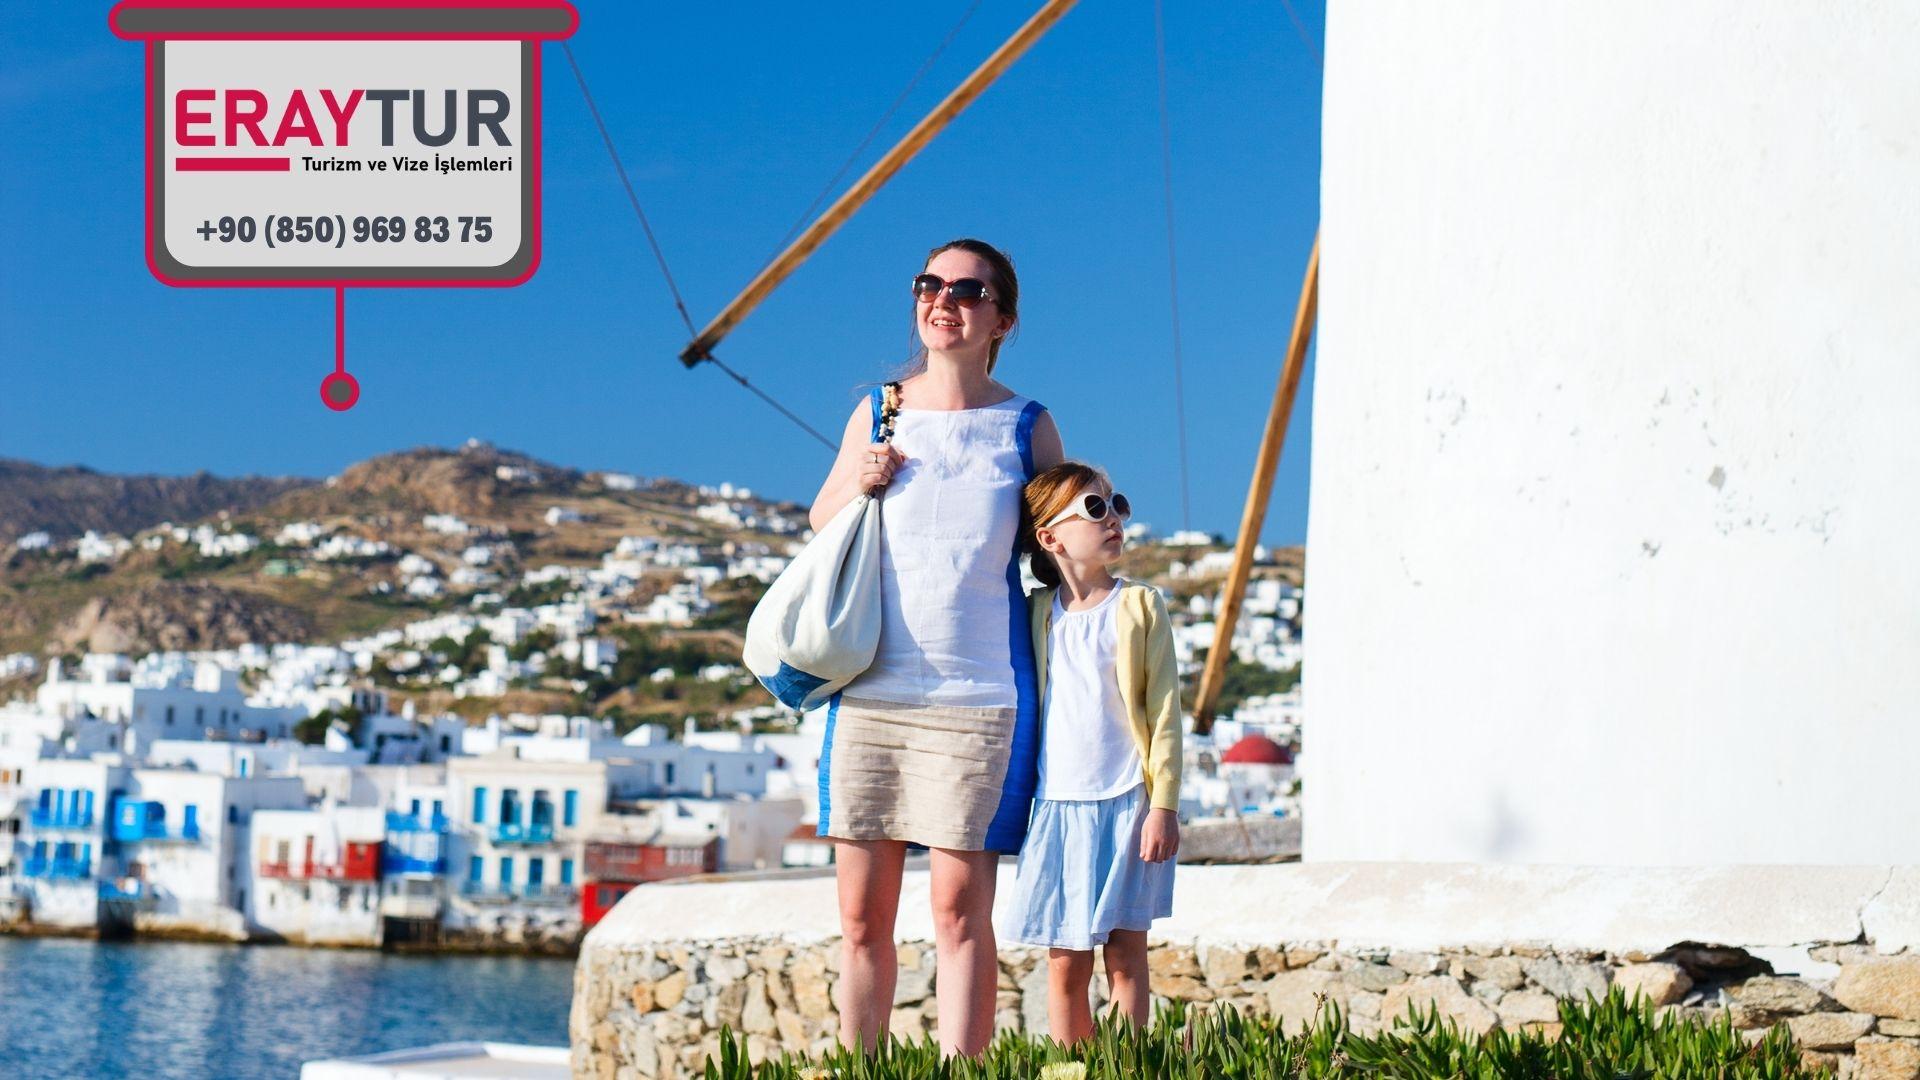 Yunanistan Aile Ziyareti Vize Dilekçe Örneği